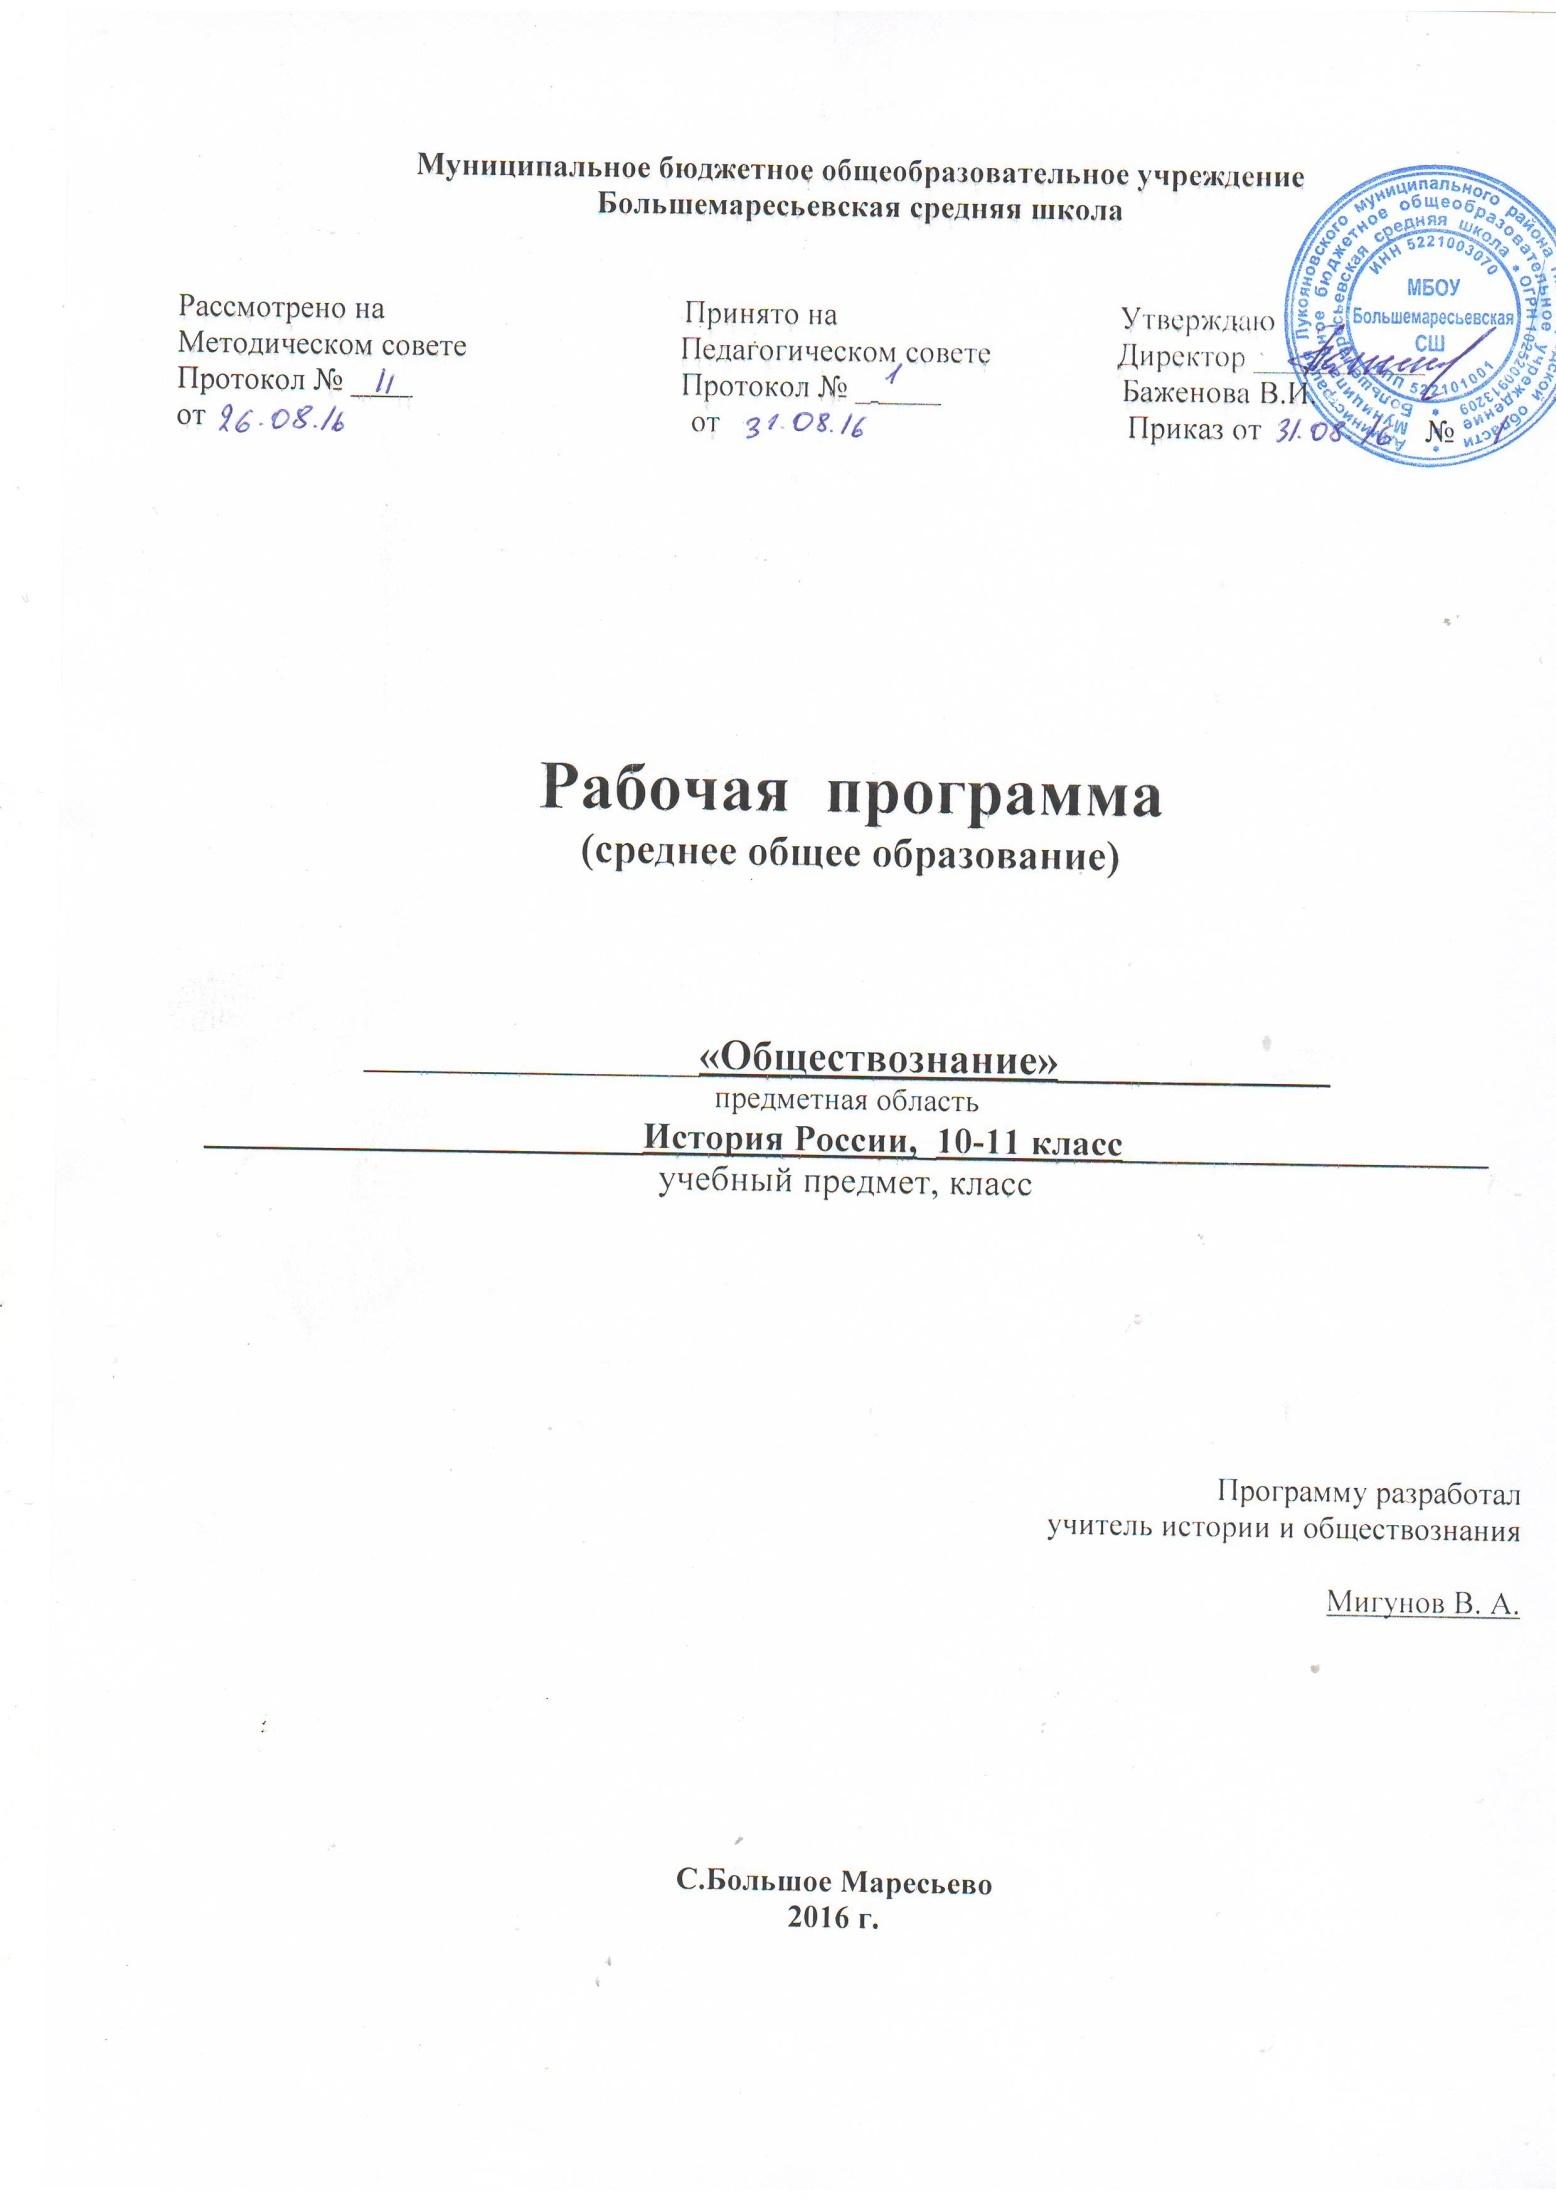 Рабочие программы по истории россии 11 класс по загладину козленко